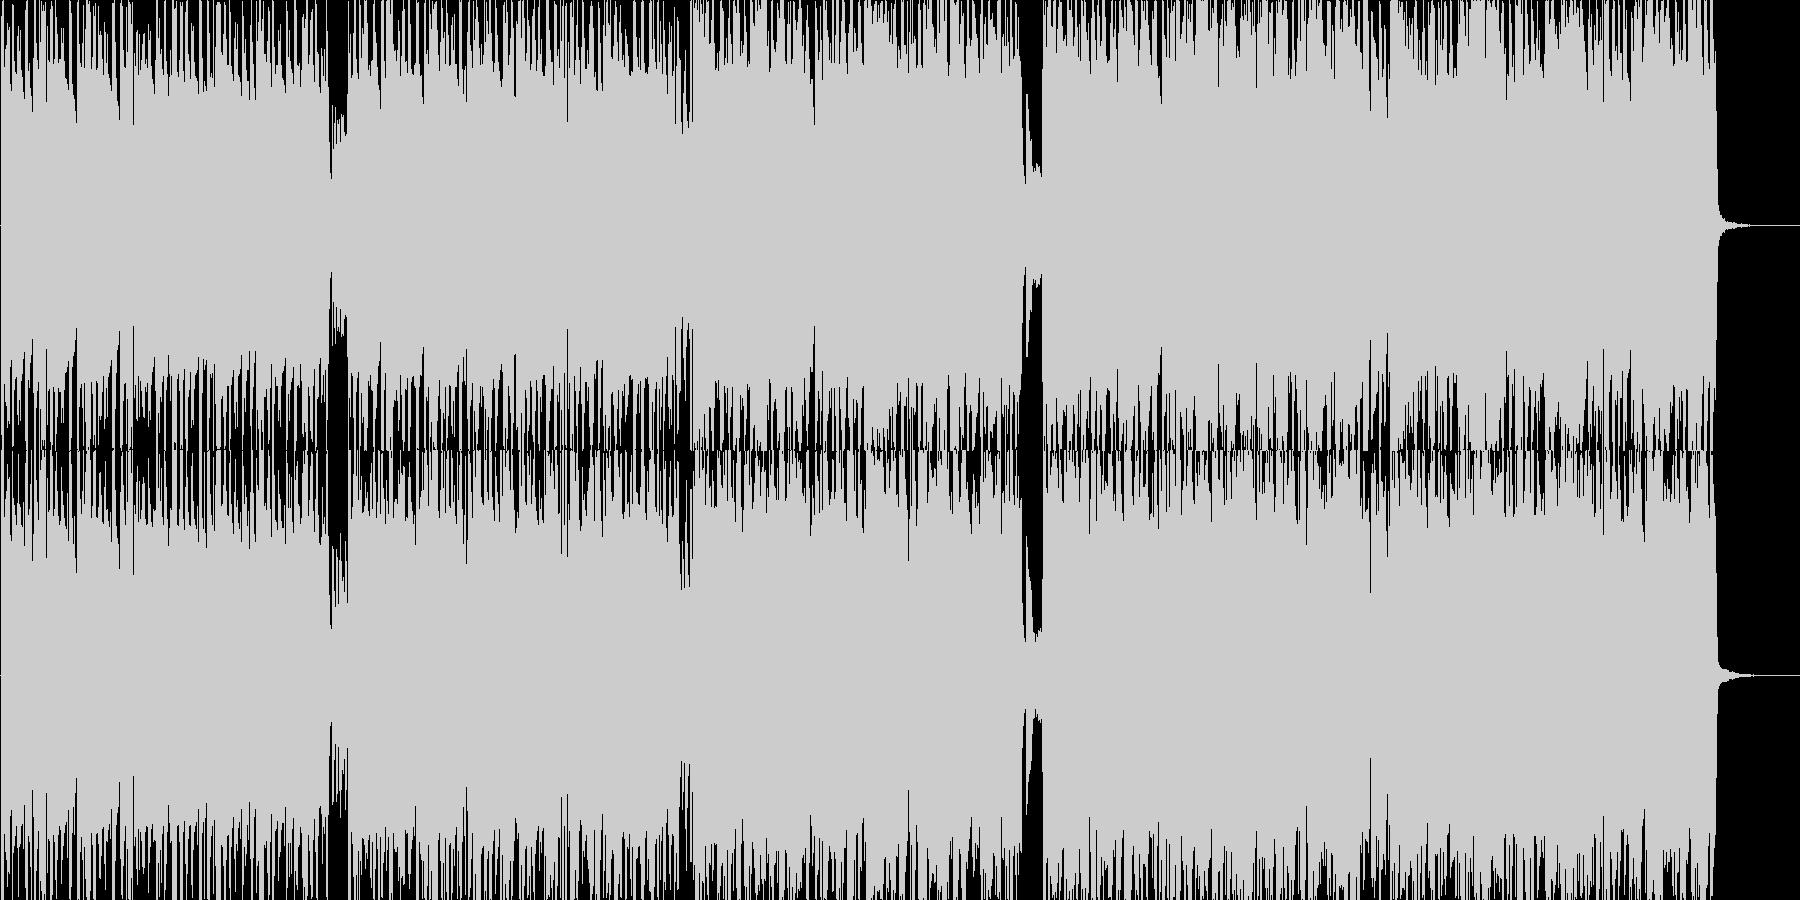 少し緊張感のあるループにピアノサウンドの未再生の波形